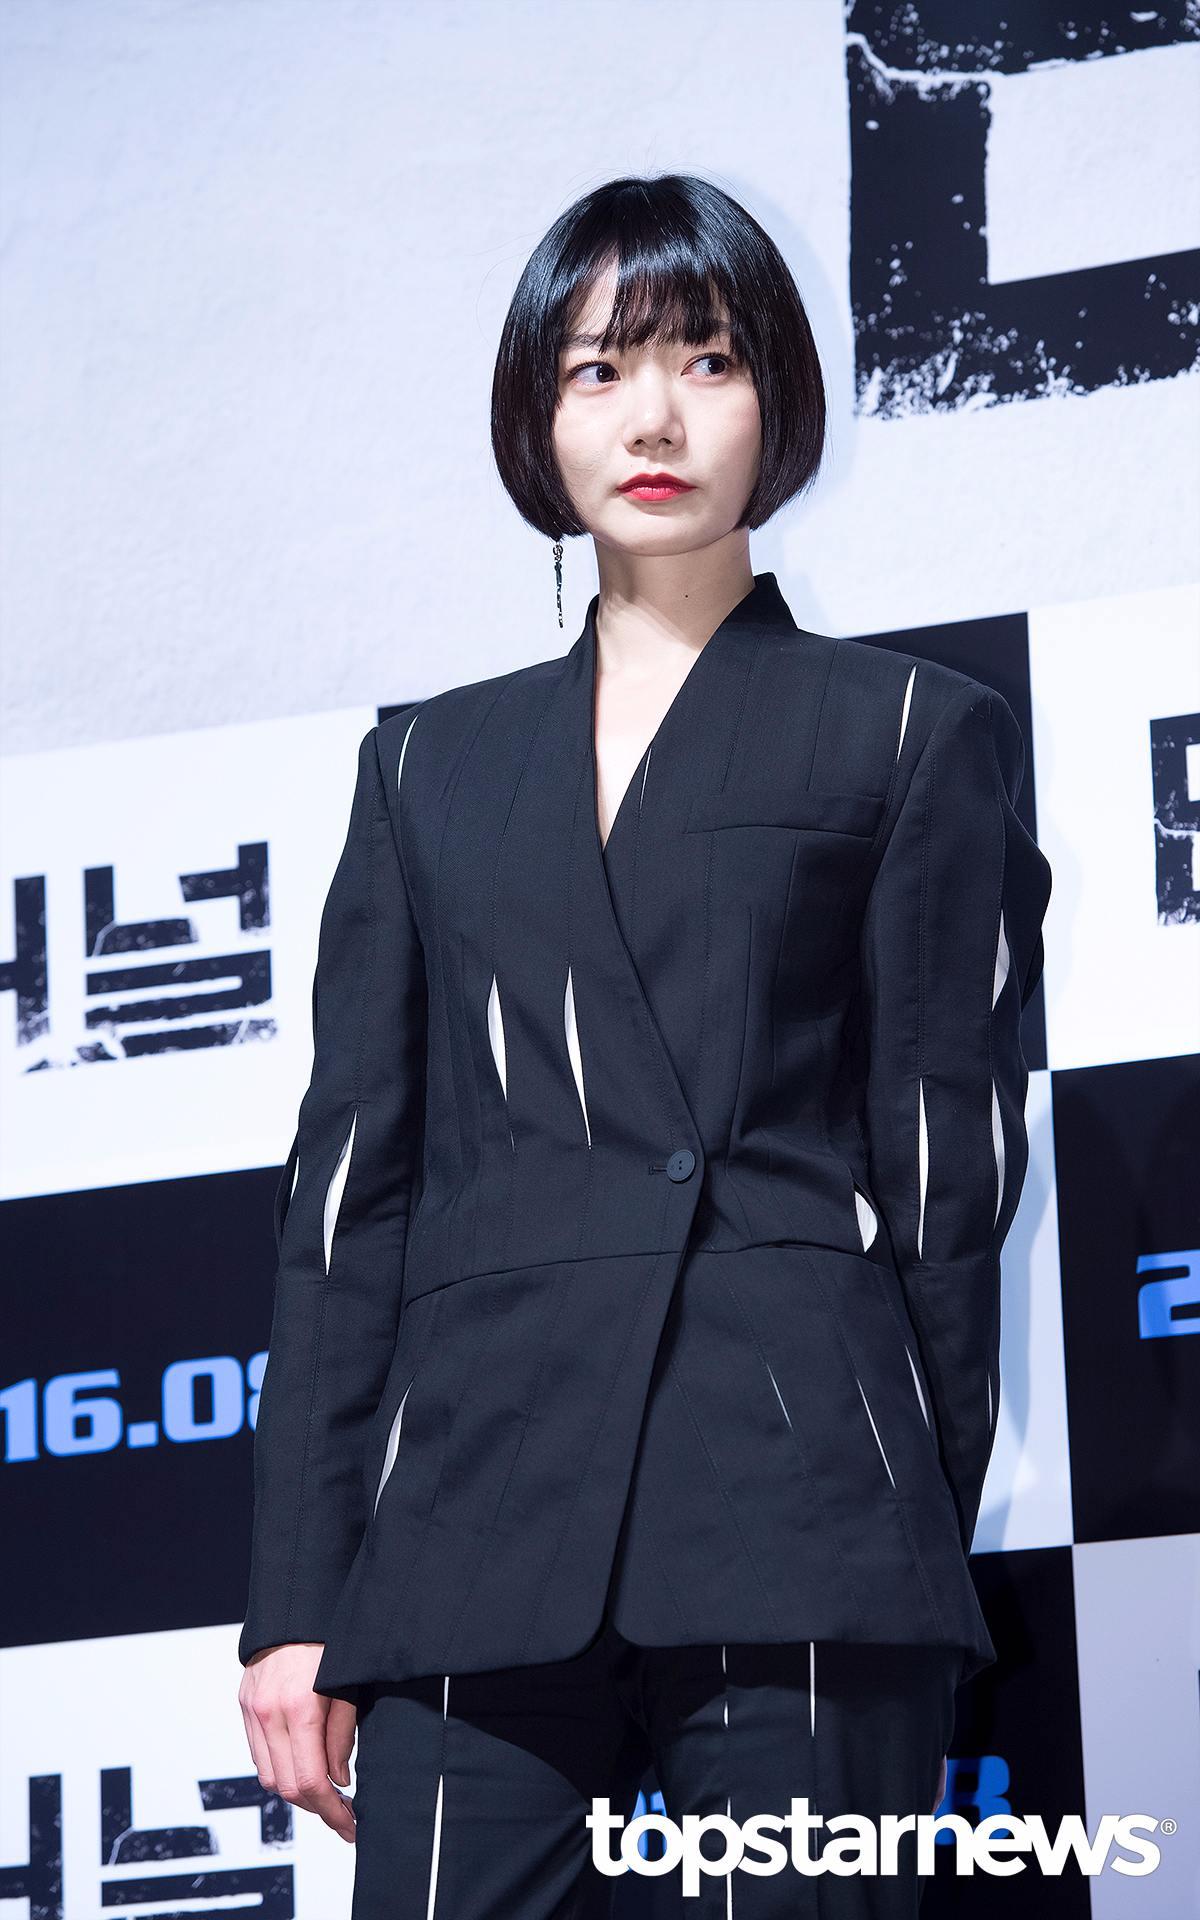 演員裴斗娜的短髮其實跟Eunha很像,只是造型不同,演繹出來的風格也大不同。